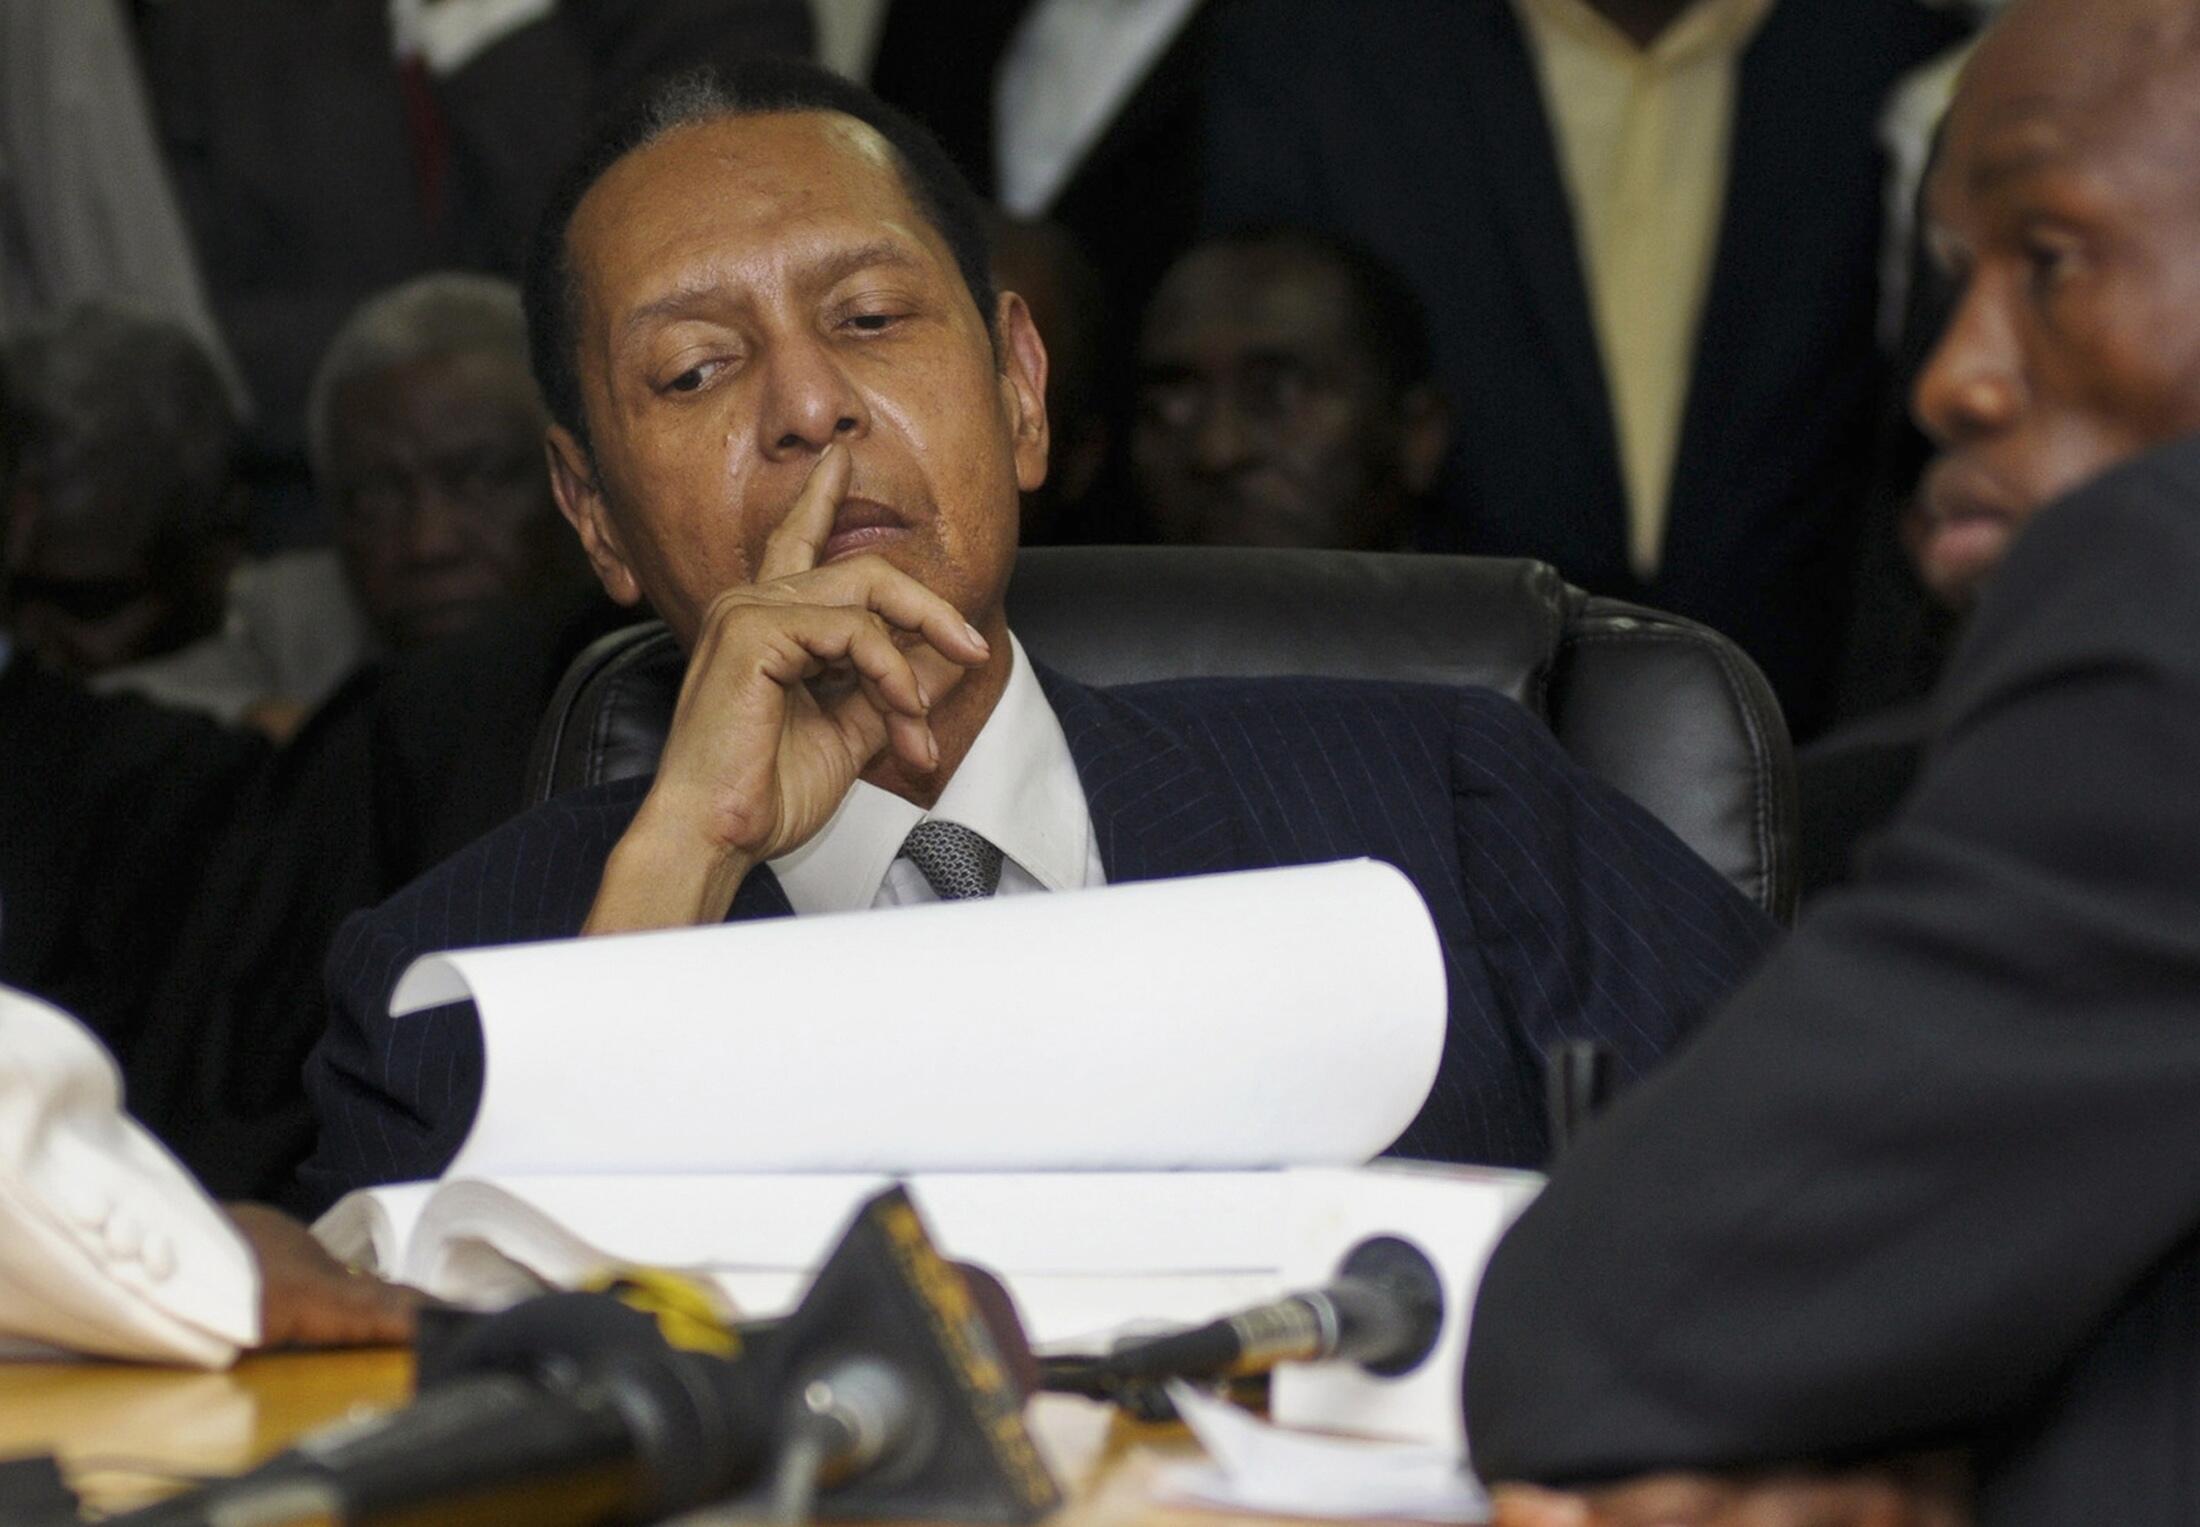 Jean-Claude Duvalier écoute l'énoncé des charges retenues contre lui au tribunal de Port-au-Prince, le 28 février 2013.